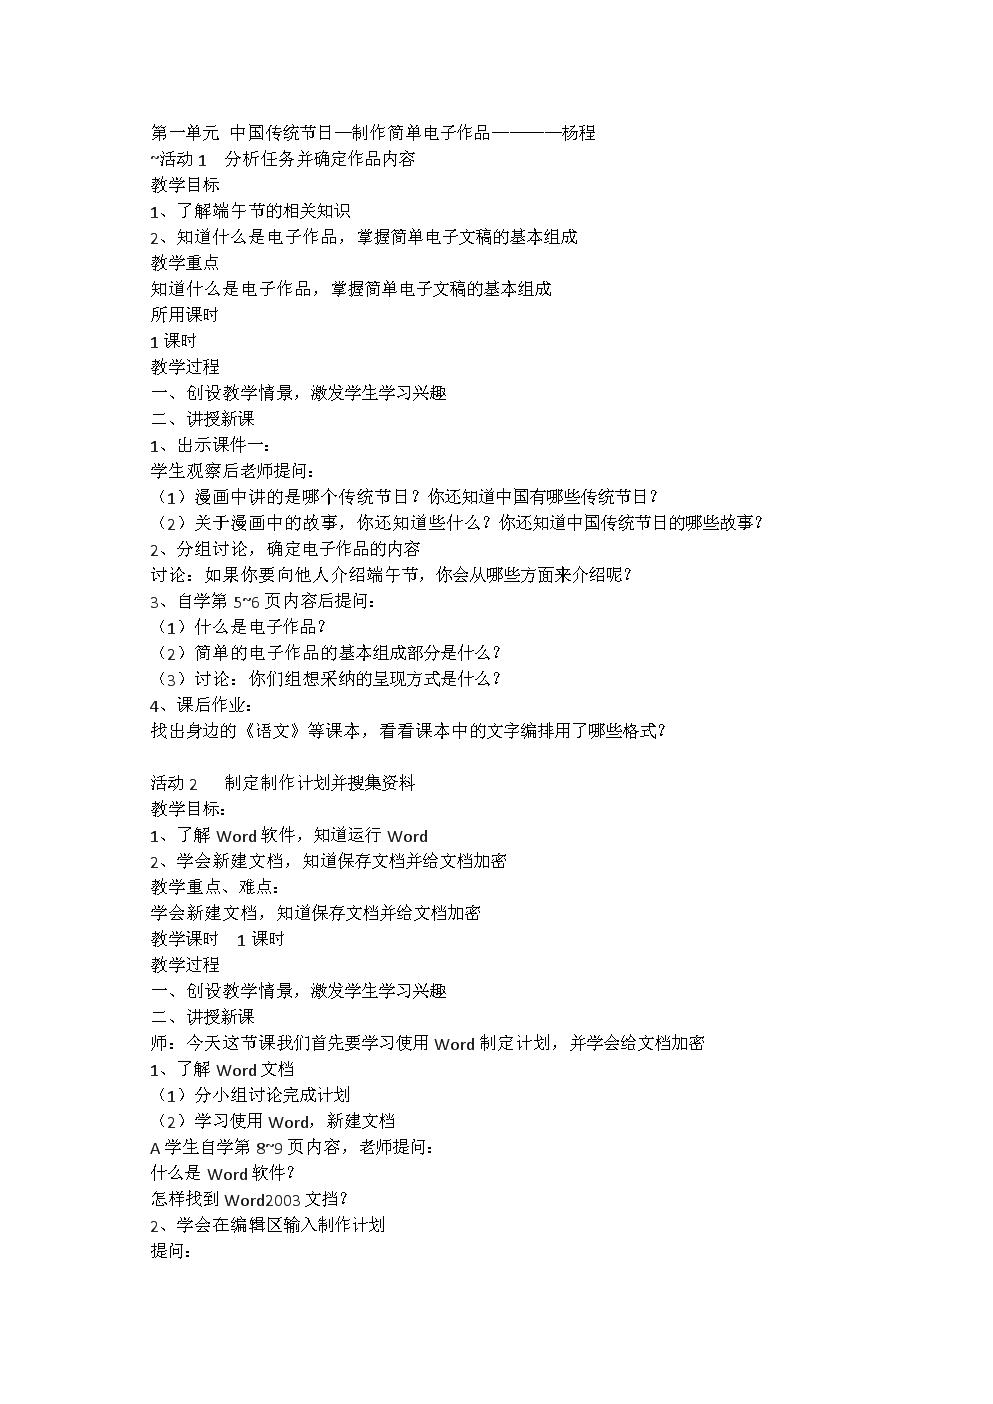 最新信息四小学最好教案技术小学(贵州科技版常熟市年级的上册图片